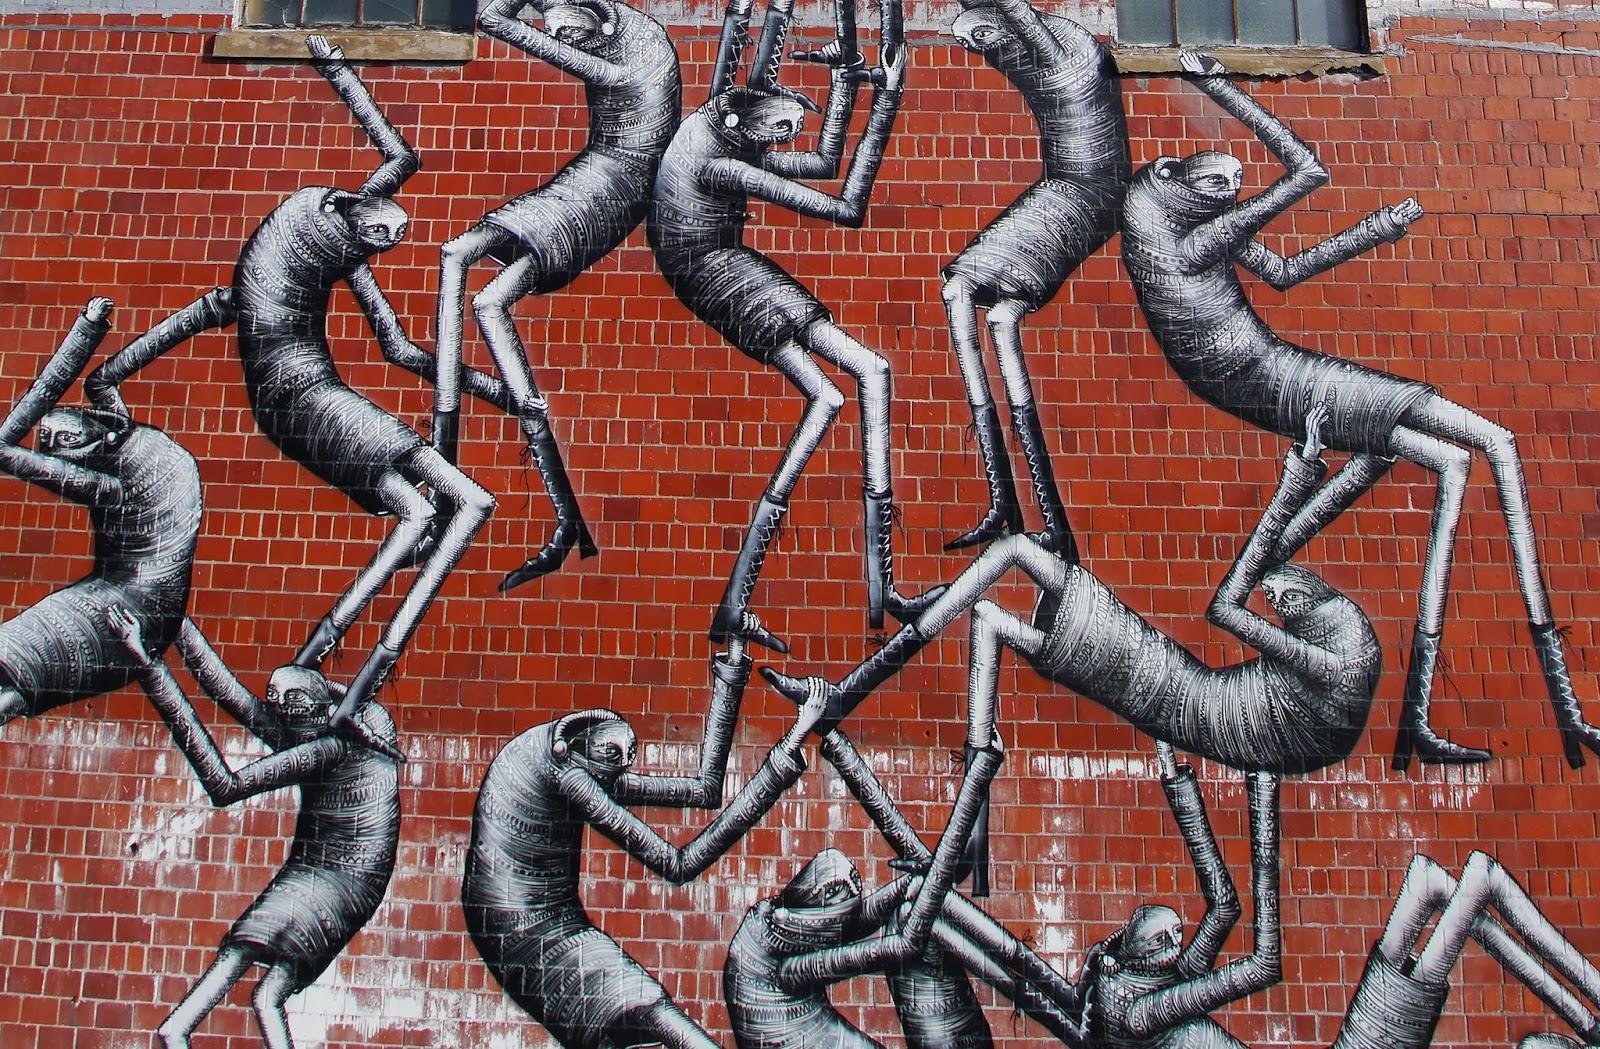 phlegm-new-mural-prhbtn-festival-03